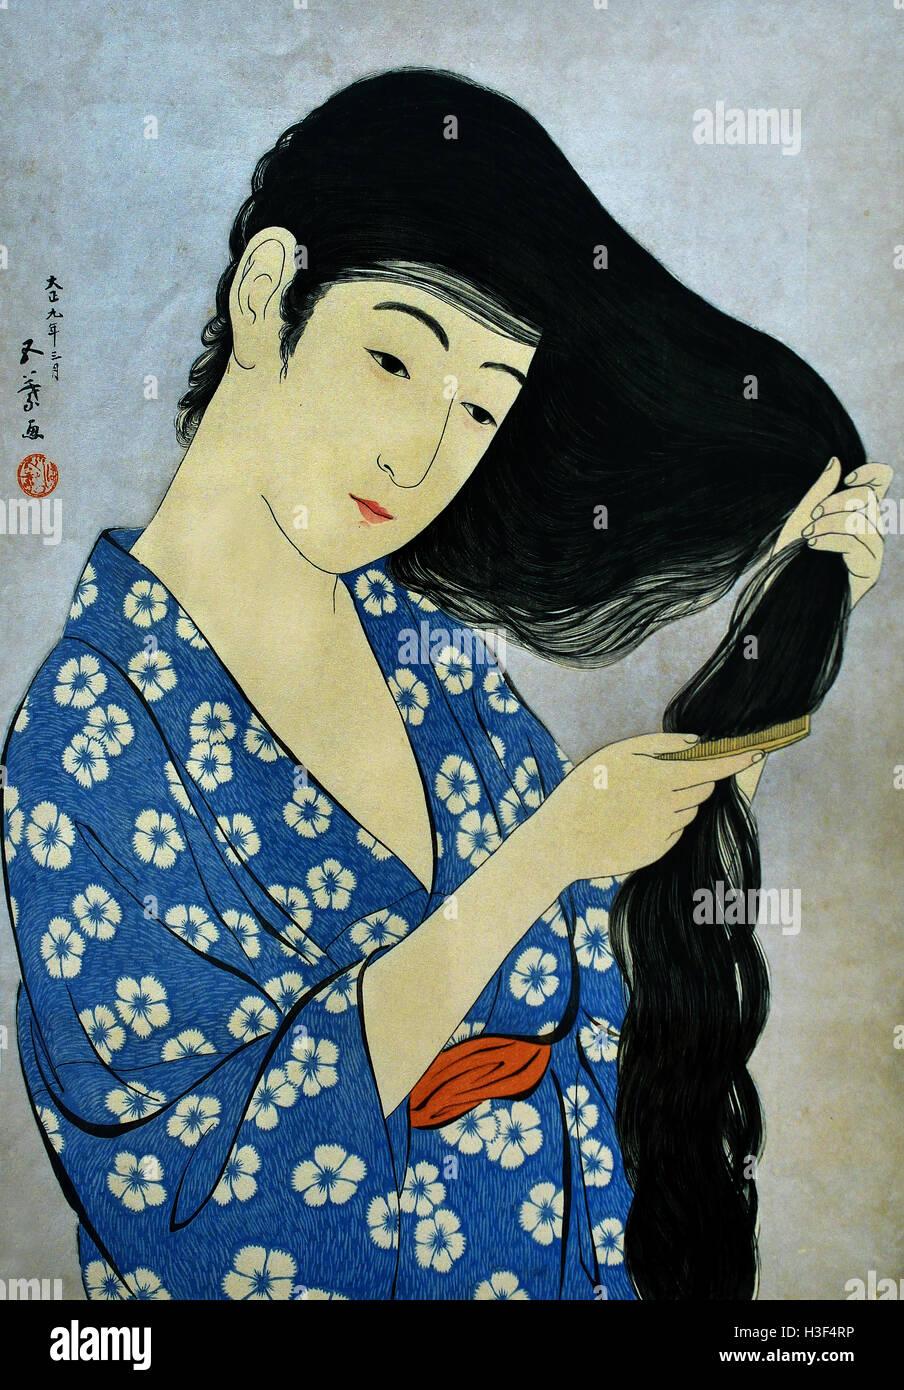 Mulher de pentear o seu cabelo 1920 Hashiguchi Goyo 1880-1921 Tóquio Japão ( cor xilogravura sobre papel Imagens de Stock